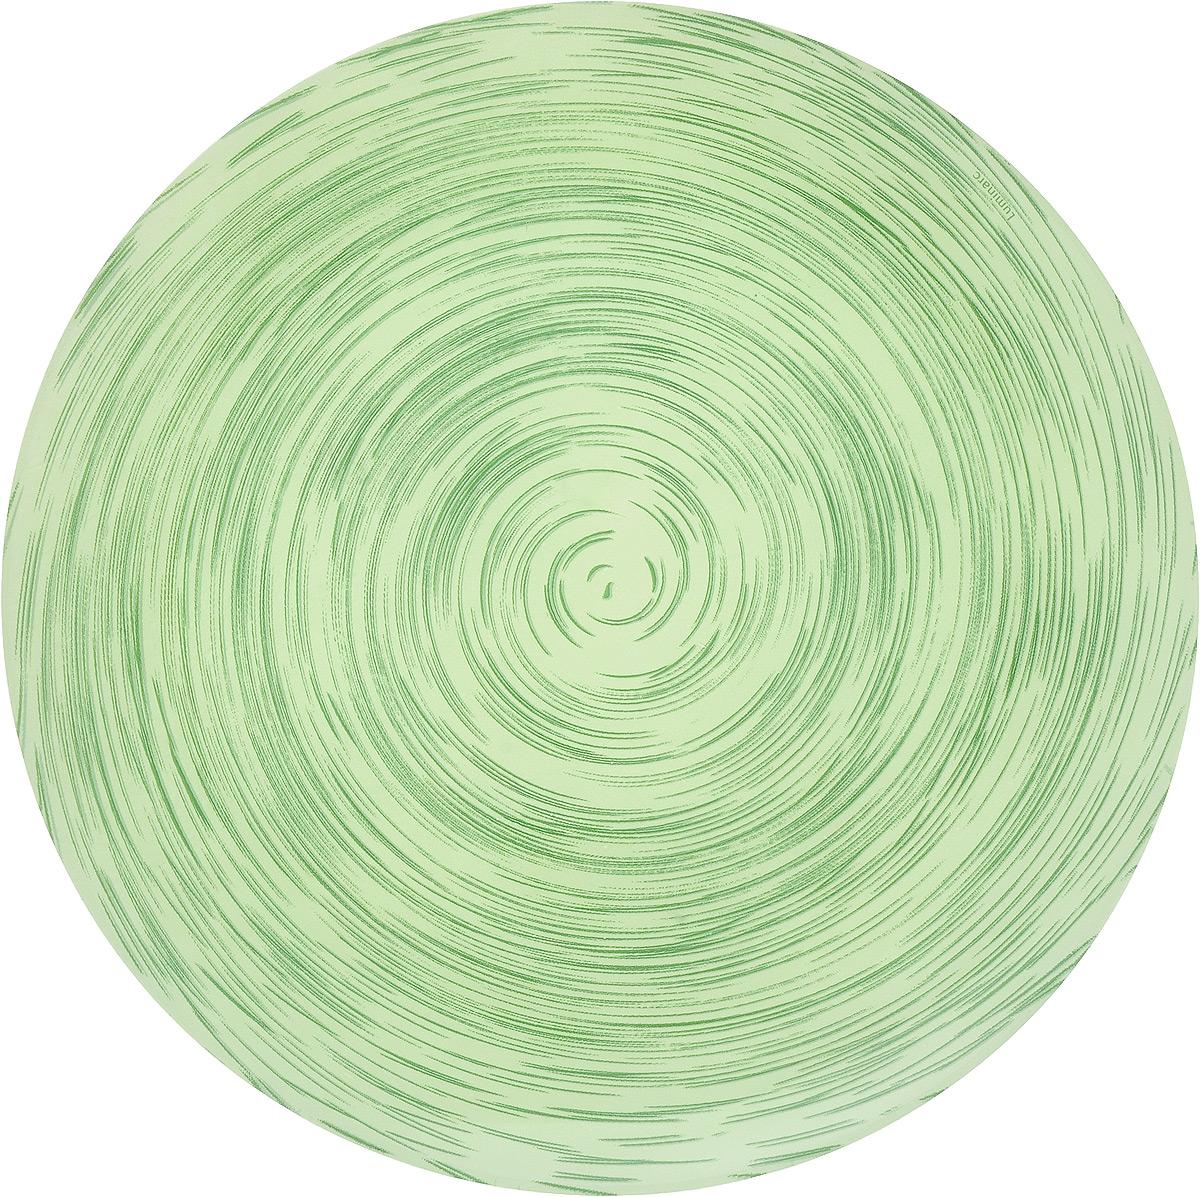 Тарелка обеденная Luminarc Stonemania Pistache, диаметр 25 смJ1756Обеденная тарелка Luminarc Stonemania Pistache, изготовленная из высококачественного стекла, имеет изысканный внешний вид. Такая тарелка прекрасно подходит как для торжественных случаев, так и для повседневного использования. Идеальна для подачи десертов, пирожных, тортов и многого другого. Она прекрасно оформит стол и станет отличным дополнением к вашей коллекции кухонной посуды. Можно мыть в посудомоечной машине.